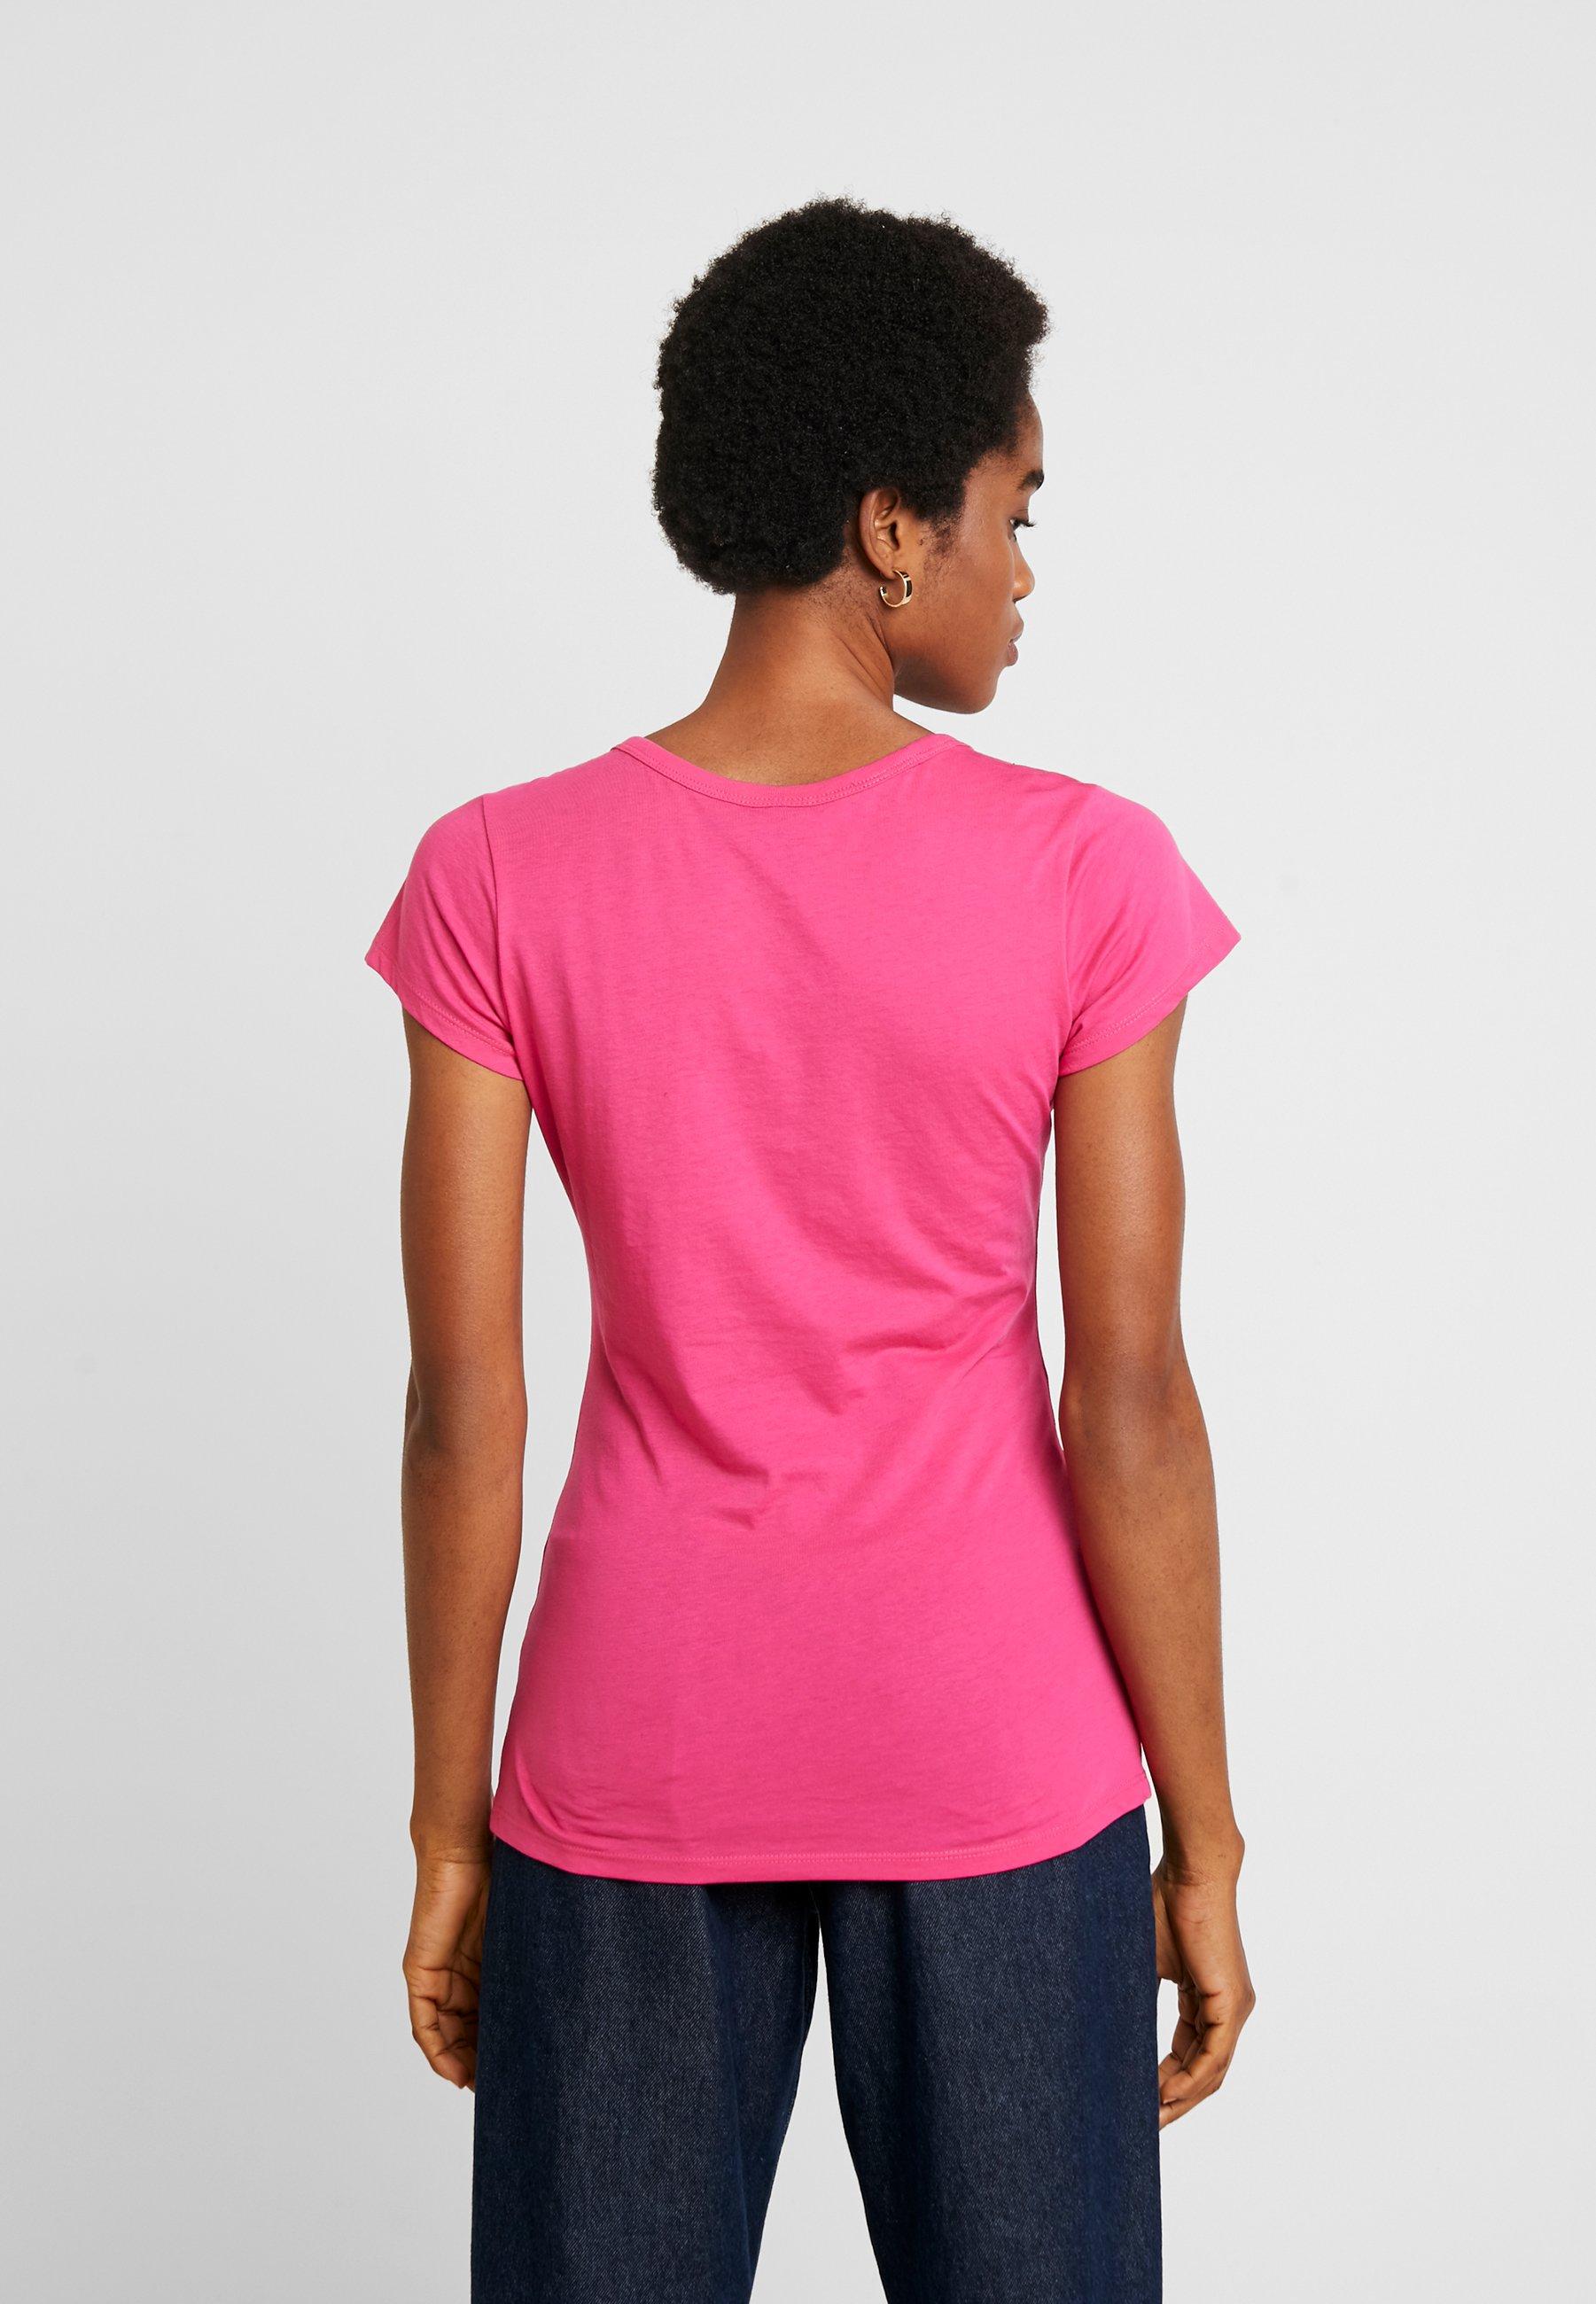 G-Star EYBEN SLIM V T  S/S - T-shirts - bright rebel pink